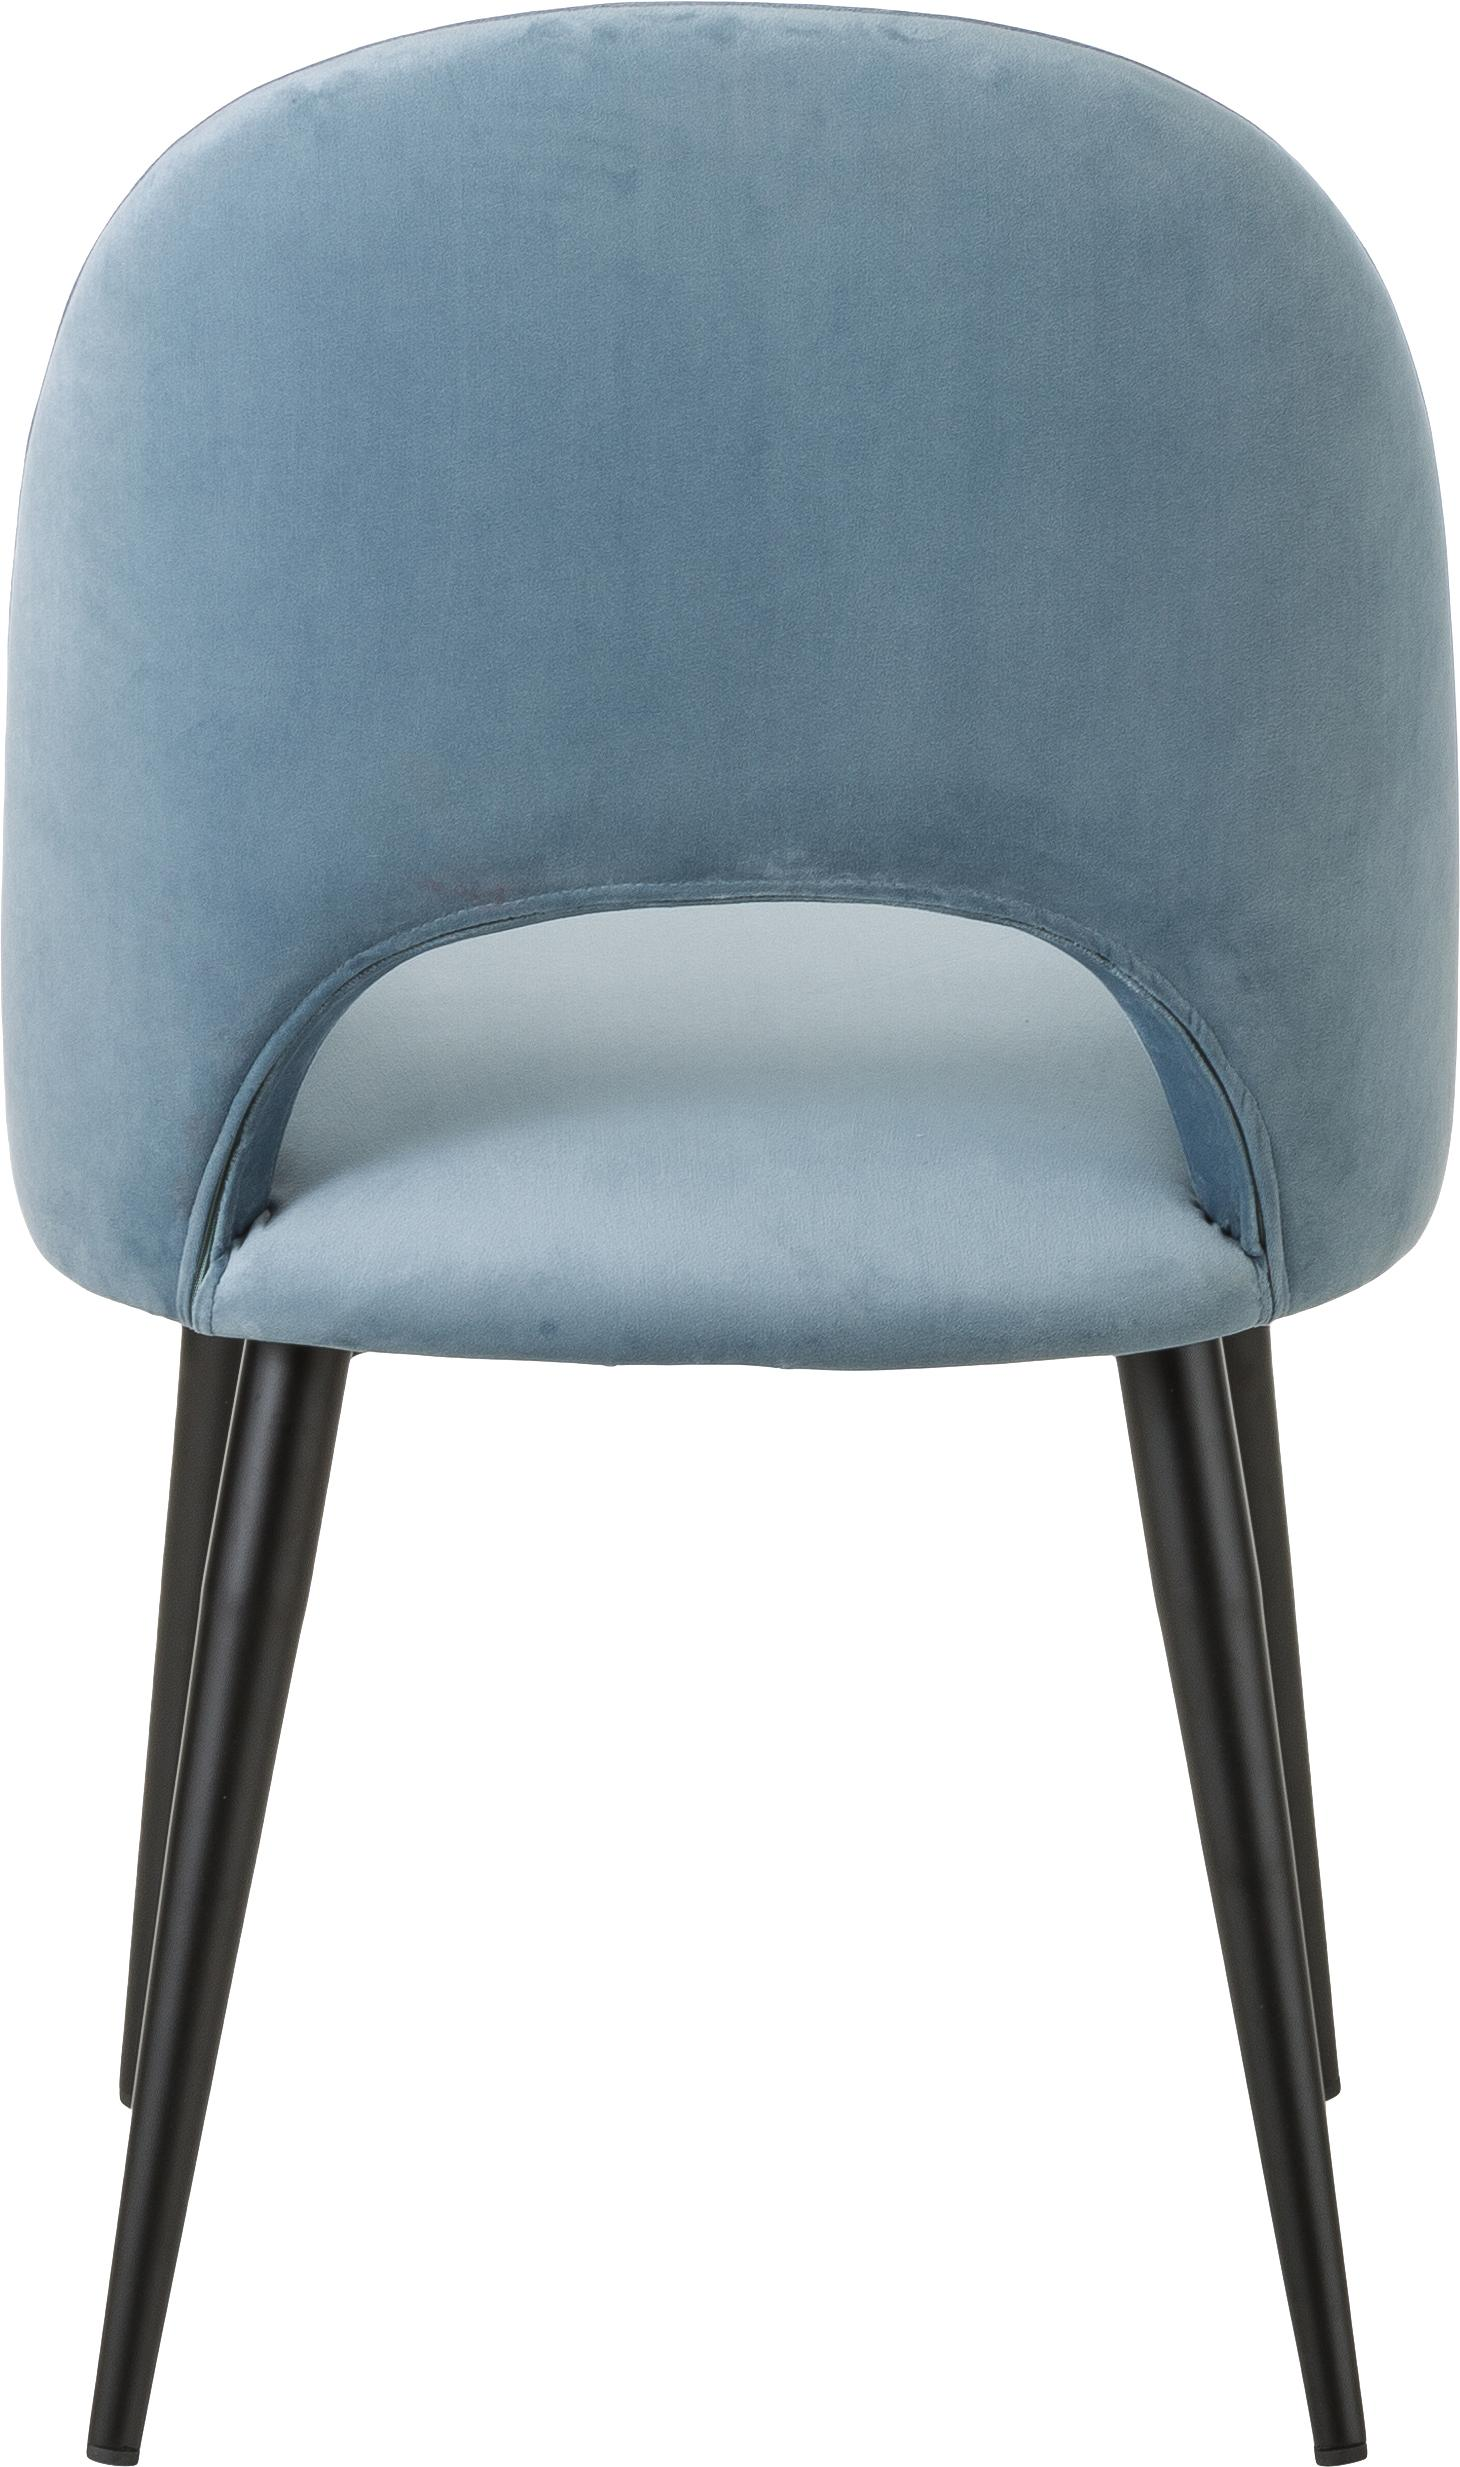 Silla de terciopelo Rachel, Tapizado: terciopelo (tapizado de p, Patas: metal con pintura en polv, Azul claro, An 53 x F 57 cm